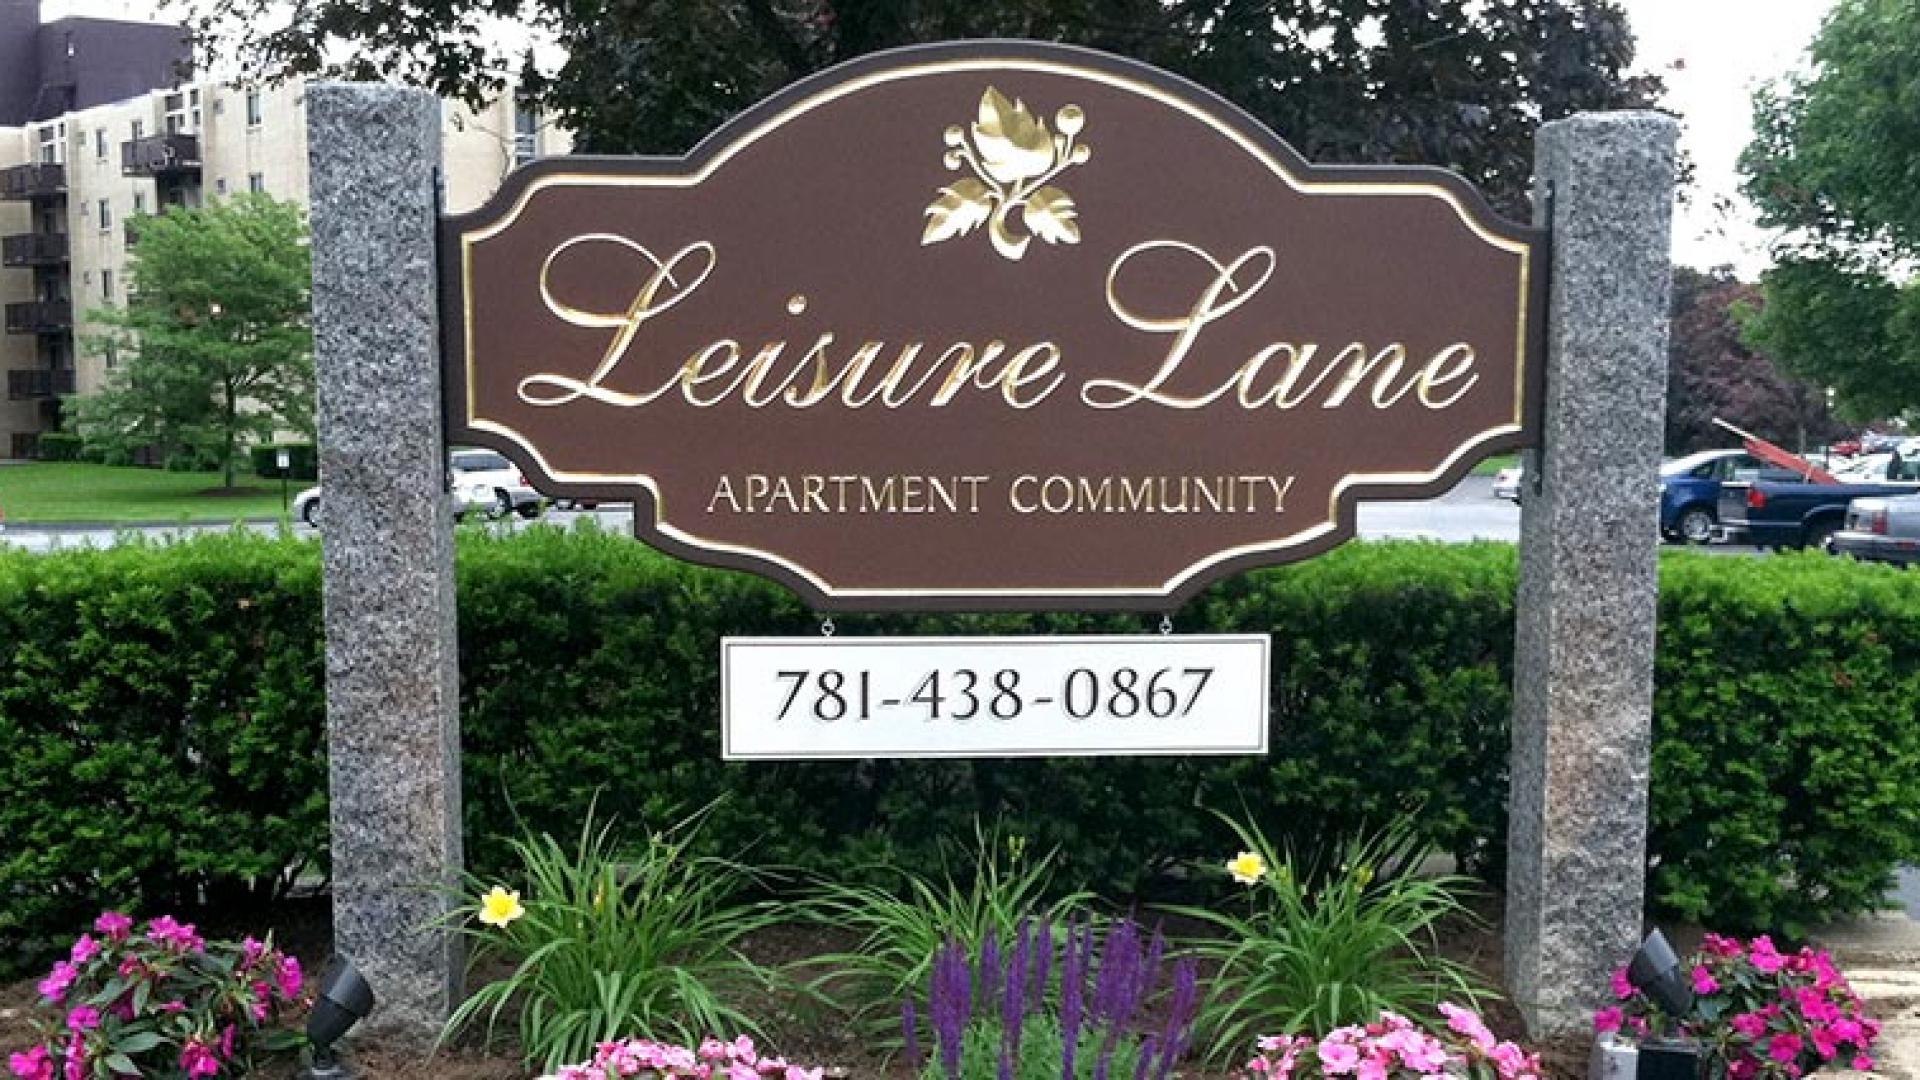 Leisure Lane